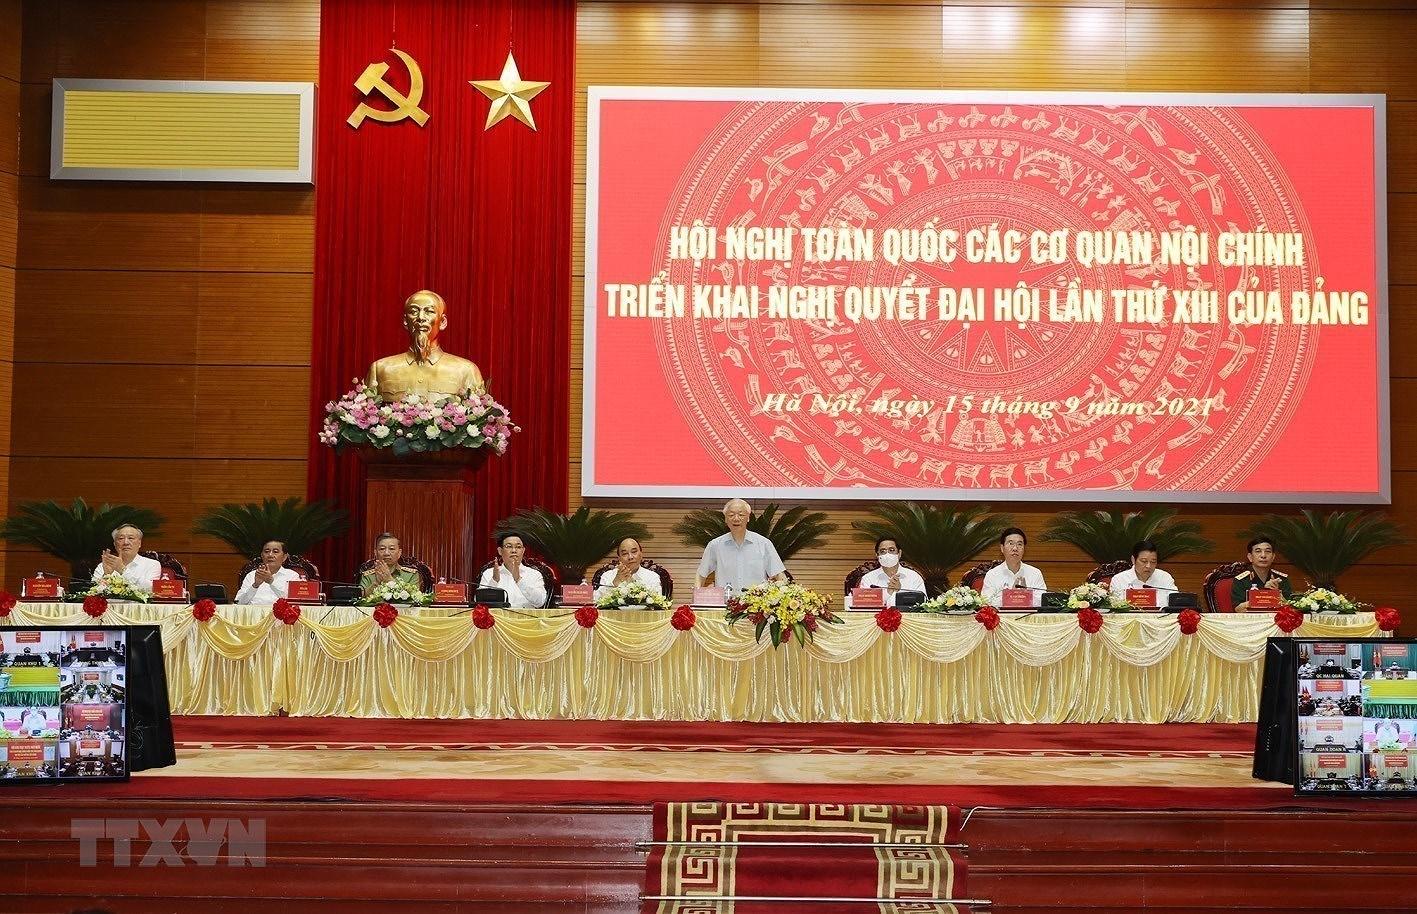 [Photo] Tong Bi thu chu tri Hoi nghi toan quoc cac co quan noi chinh hinh anh 3